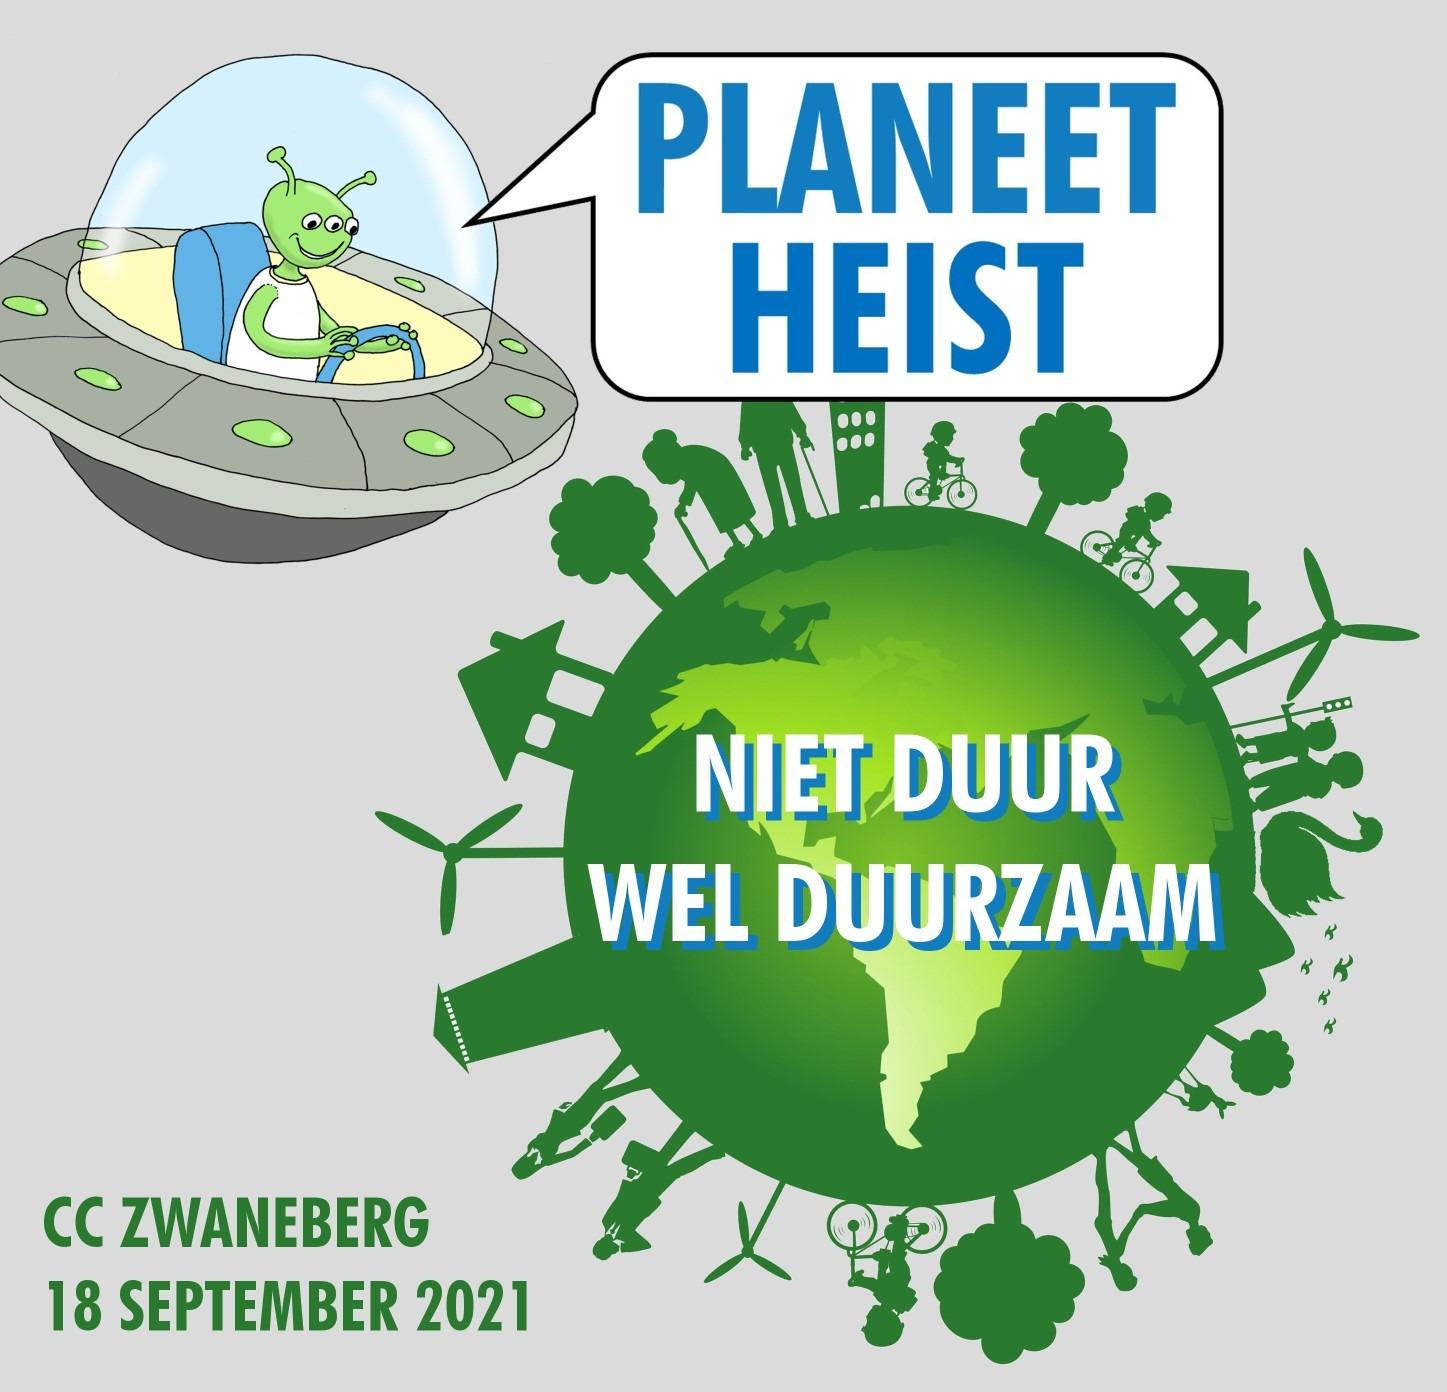 Planeet Heist Cultuurcentrum Zwaneberg